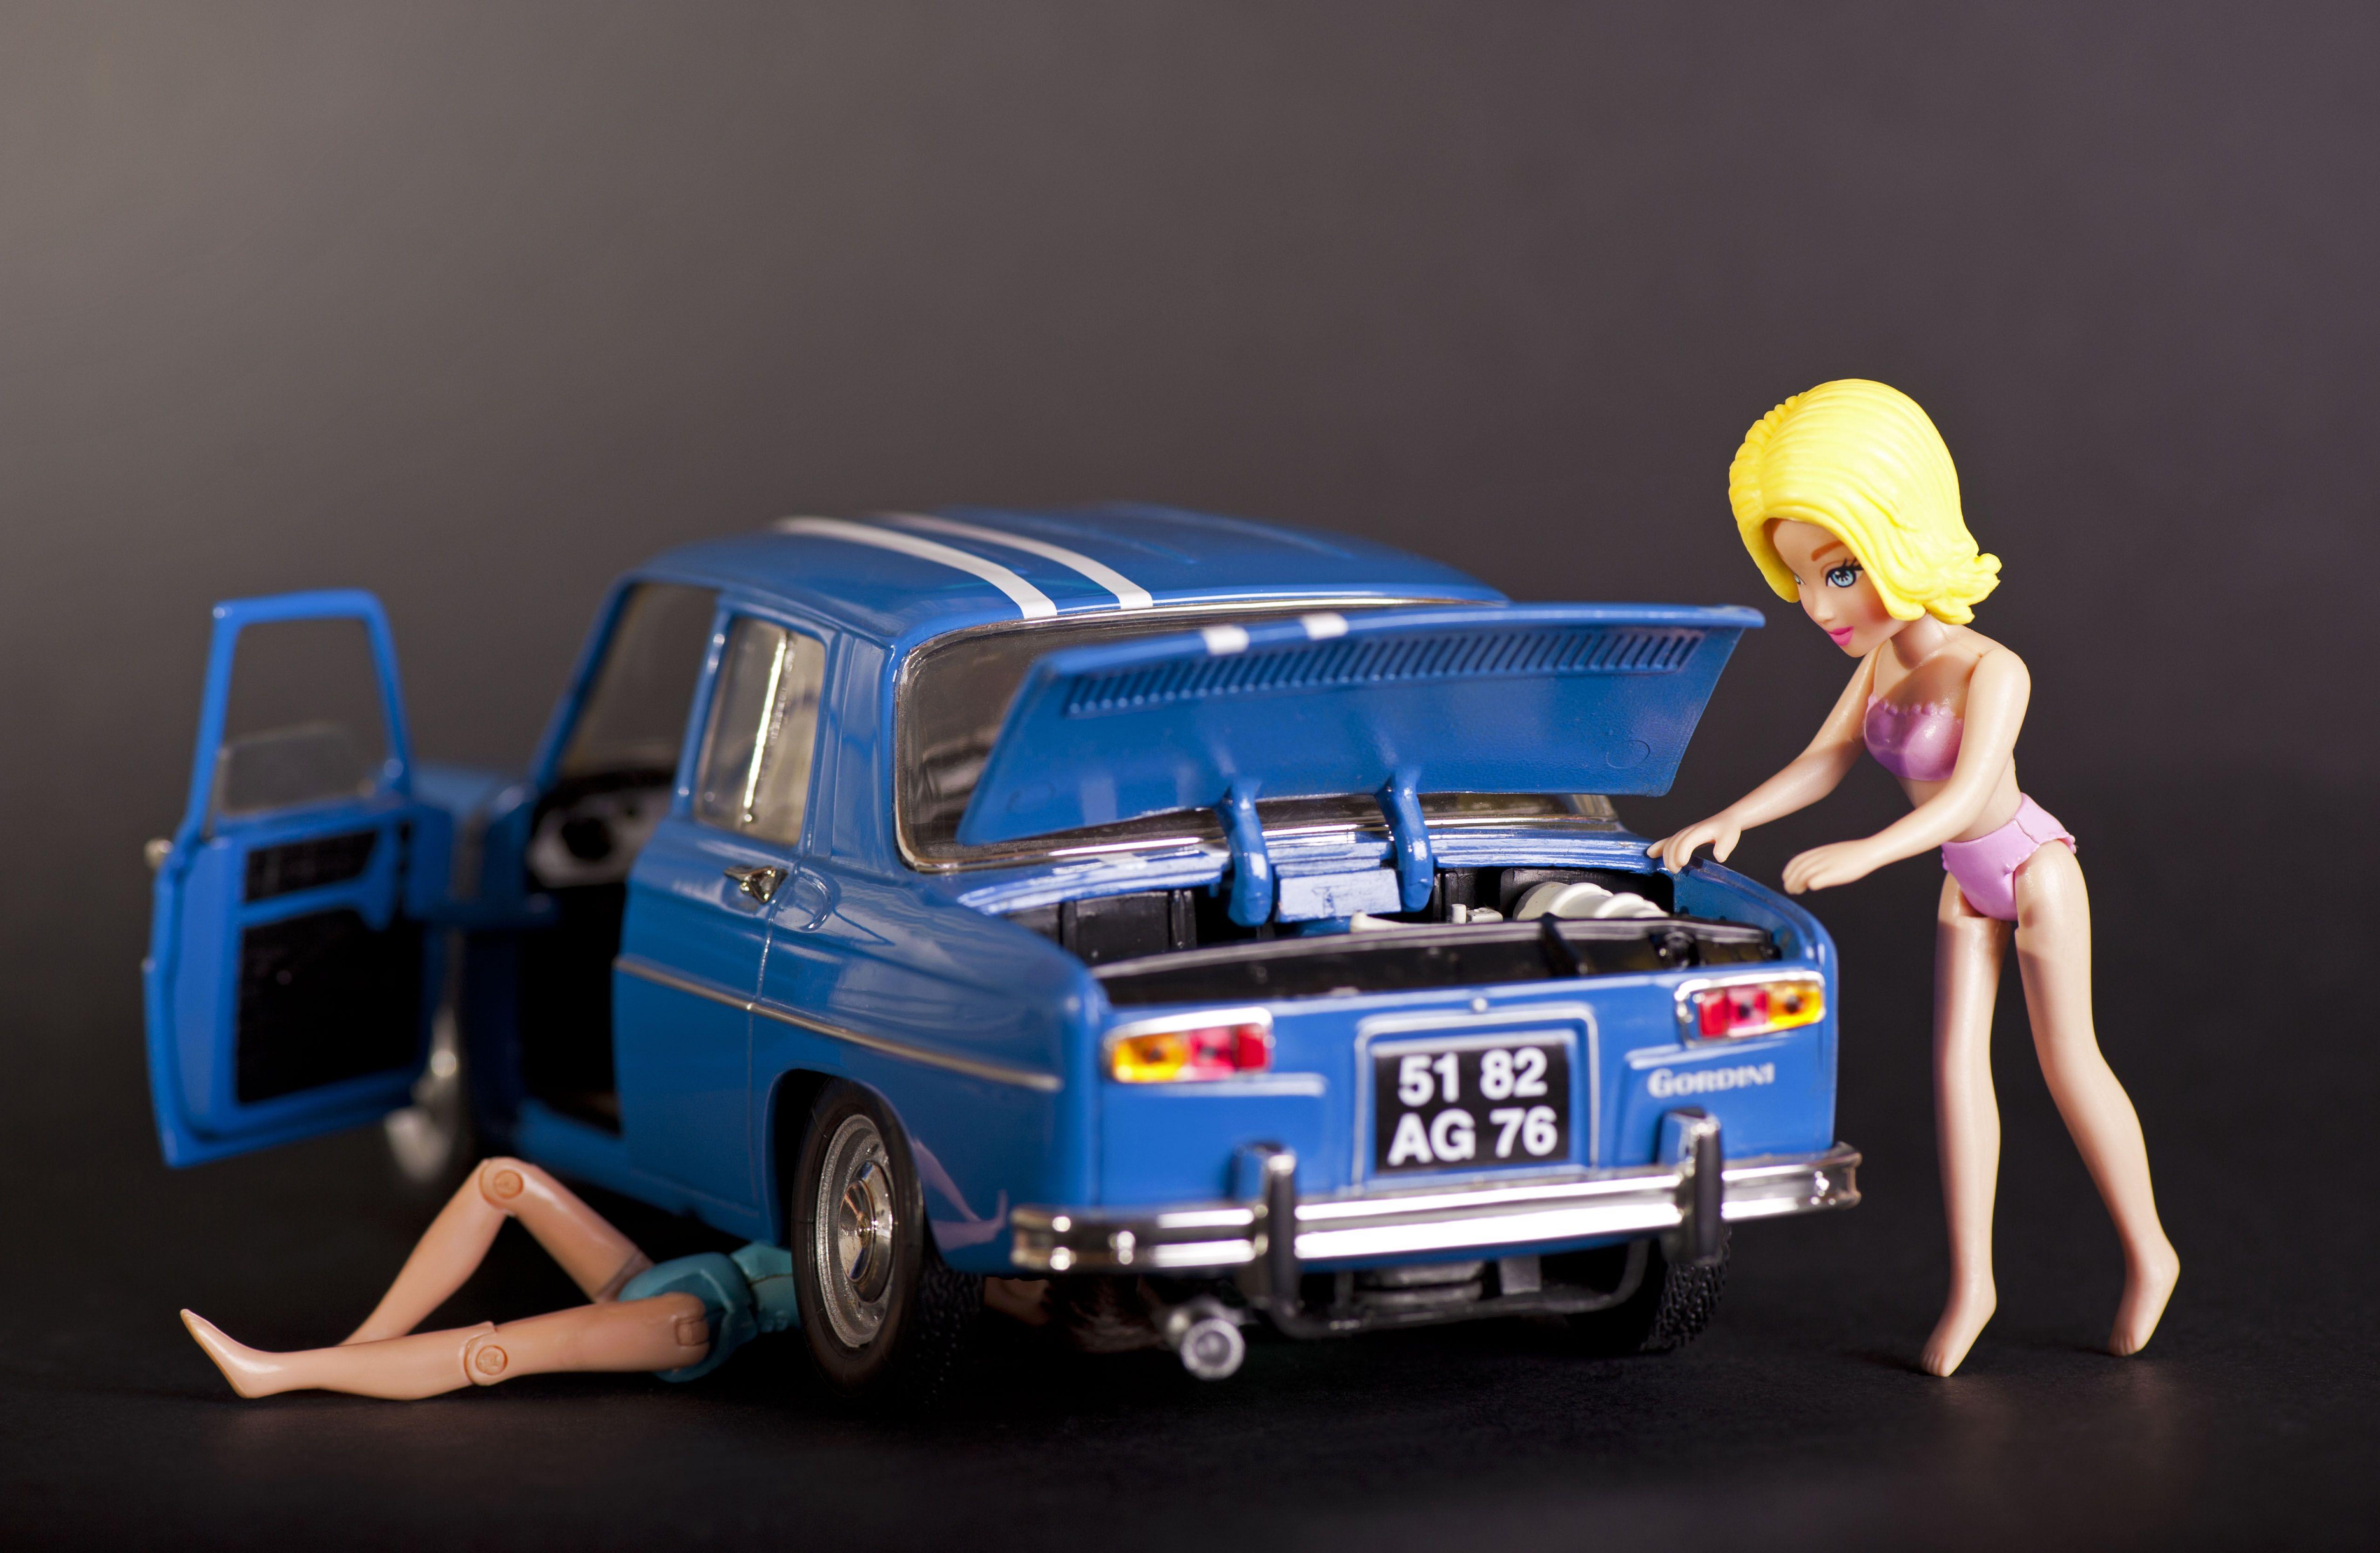 arrhhh le coup de la panne variante r8 gordini voitures pinterest location voiture entre. Black Bedroom Furniture Sets. Home Design Ideas